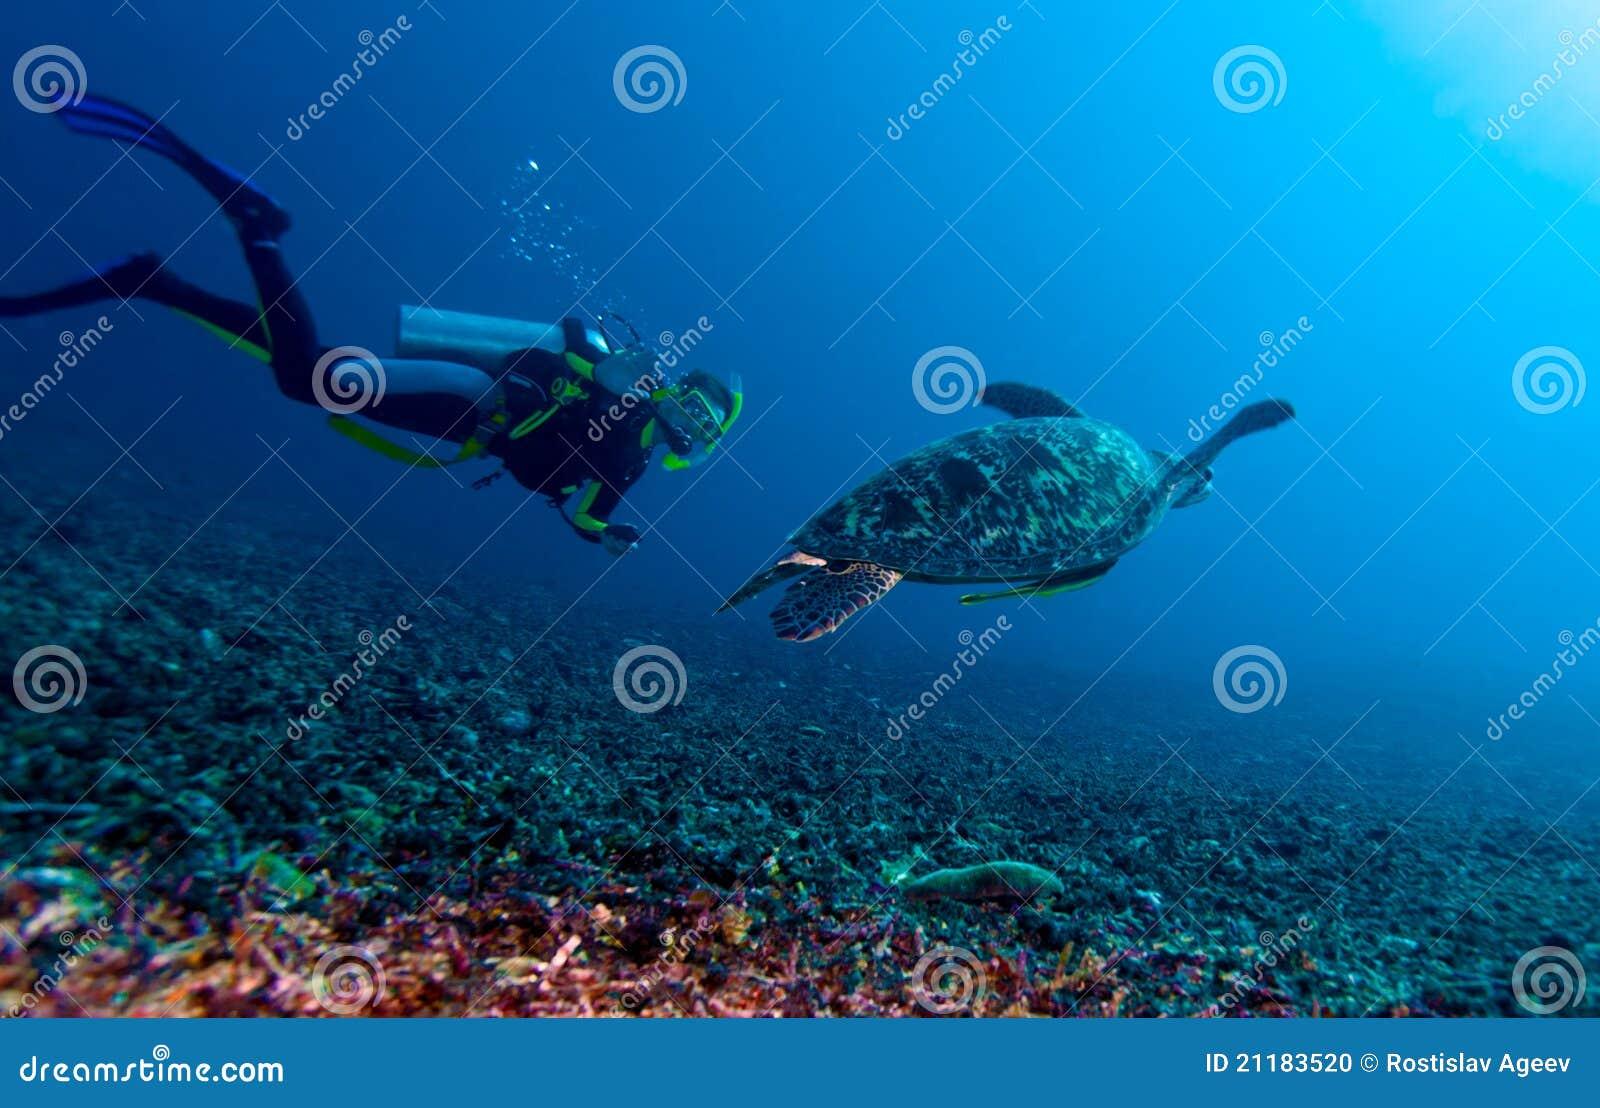 För indonesia för dykare grön sköldpadda lombok